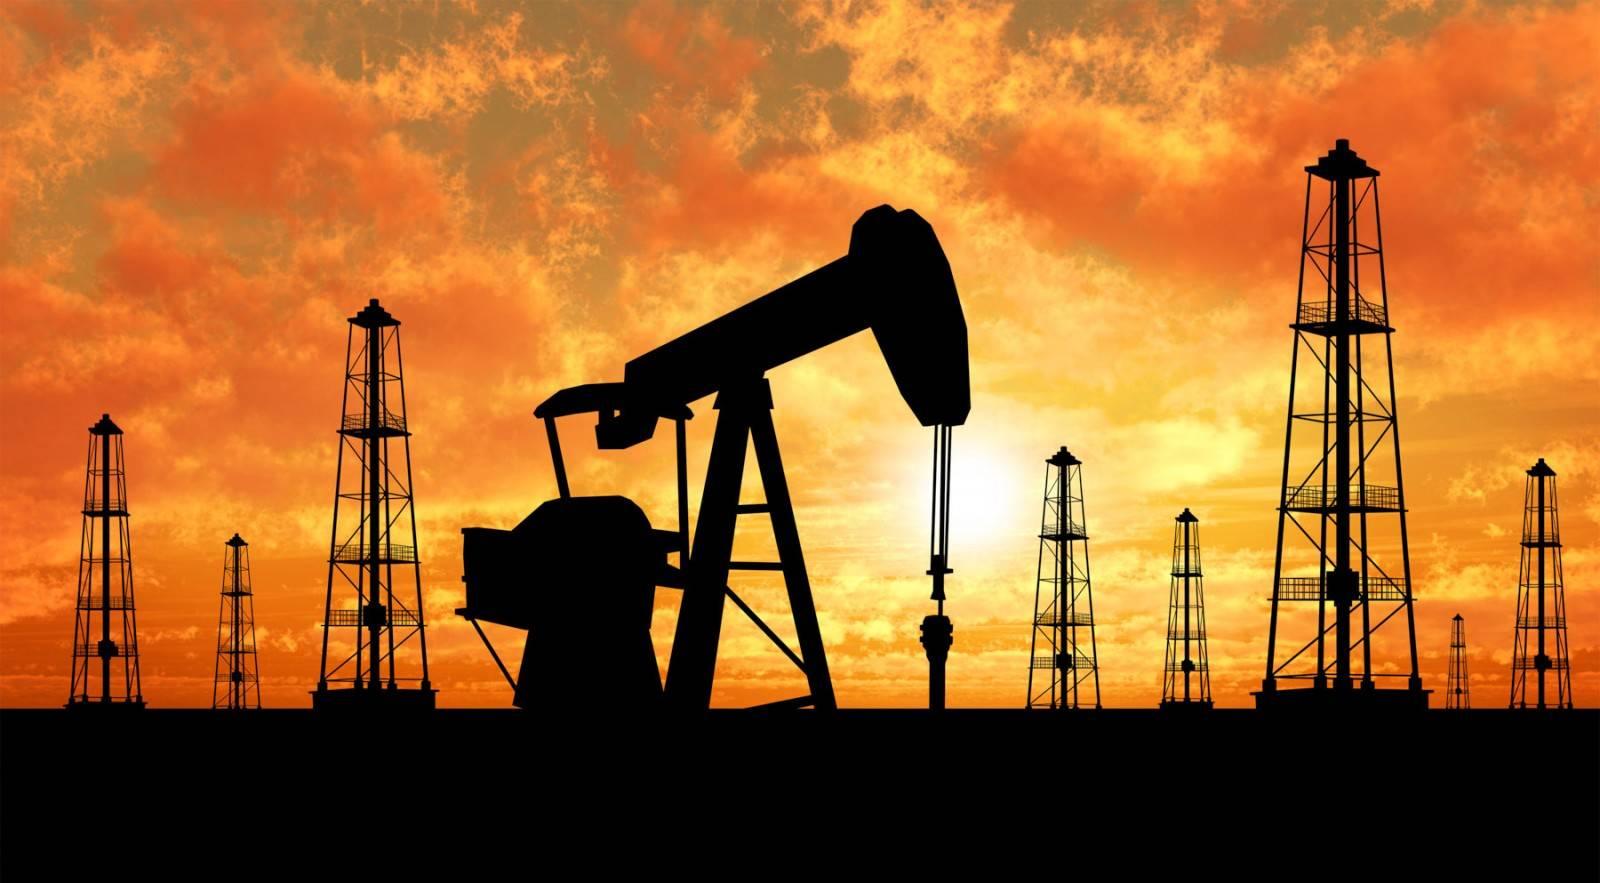 Цены на нефть снижаются из-за опасений торможения экономики